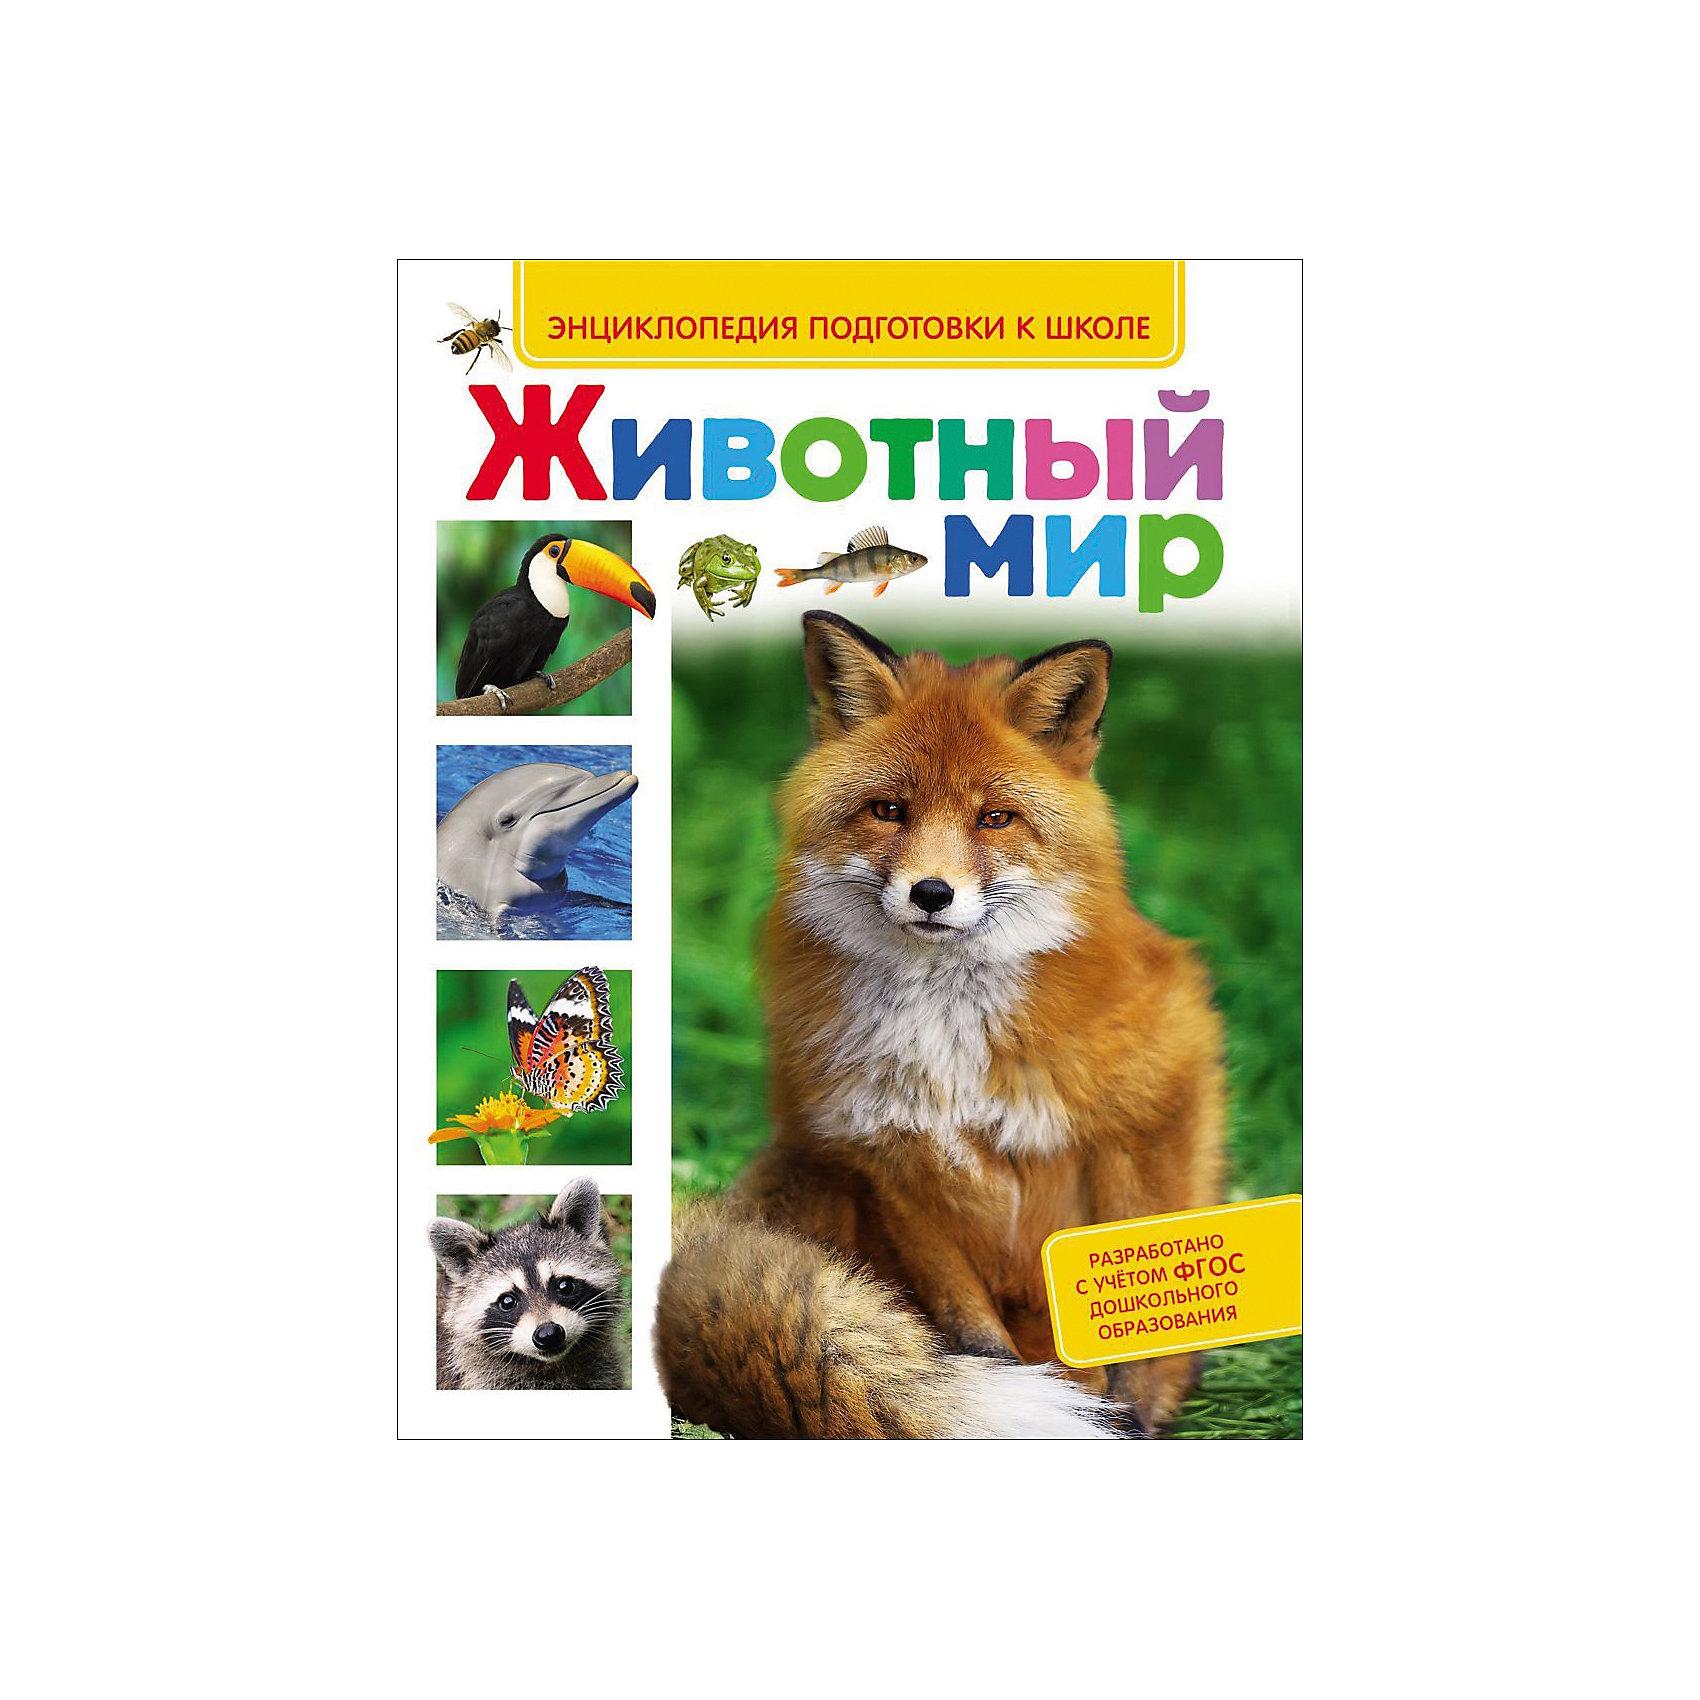 Энциклопедия подготовки к школе Животный мирЭнциклопедии о животных<br>Характеристики товара:<br><br>- цвет: разноцветный;<br>- материал: бумага;<br>- страниц: 80;<br>- формат: 20 х 29 см;<br>- обложка: твердая;<br>- цветные иллюстрации.<br><br>Эта интересная книга с иллюстрациями станет отличным подарком для ребенка. Она содержит в себе яркие картинки, которые помогут малышам познакомиться со многими понятиями из окружающего мира, а также пояснения к ним. В книге - море полезной информации для ребенка!<br>Чтение и рассматривание картинок помогает ребенку развивать зрительную память, концентрацию внимания и воображение. Издание произведено из качественных материалов, которые безопасны даже для самых маленьких.<br><br>Издание Энциклопедия подготовки к школе Животный мир от компании Росмэн можно купить в нашем интернет-магазине.<br><br>Ширина мм: 262<br>Глубина мм: 200<br>Высота мм: 10<br>Вес г: 415<br>Возраст от месяцев: 60<br>Возраст до месяцев: 84<br>Пол: Унисекс<br>Возраст: Детский<br>SKU: 5110183